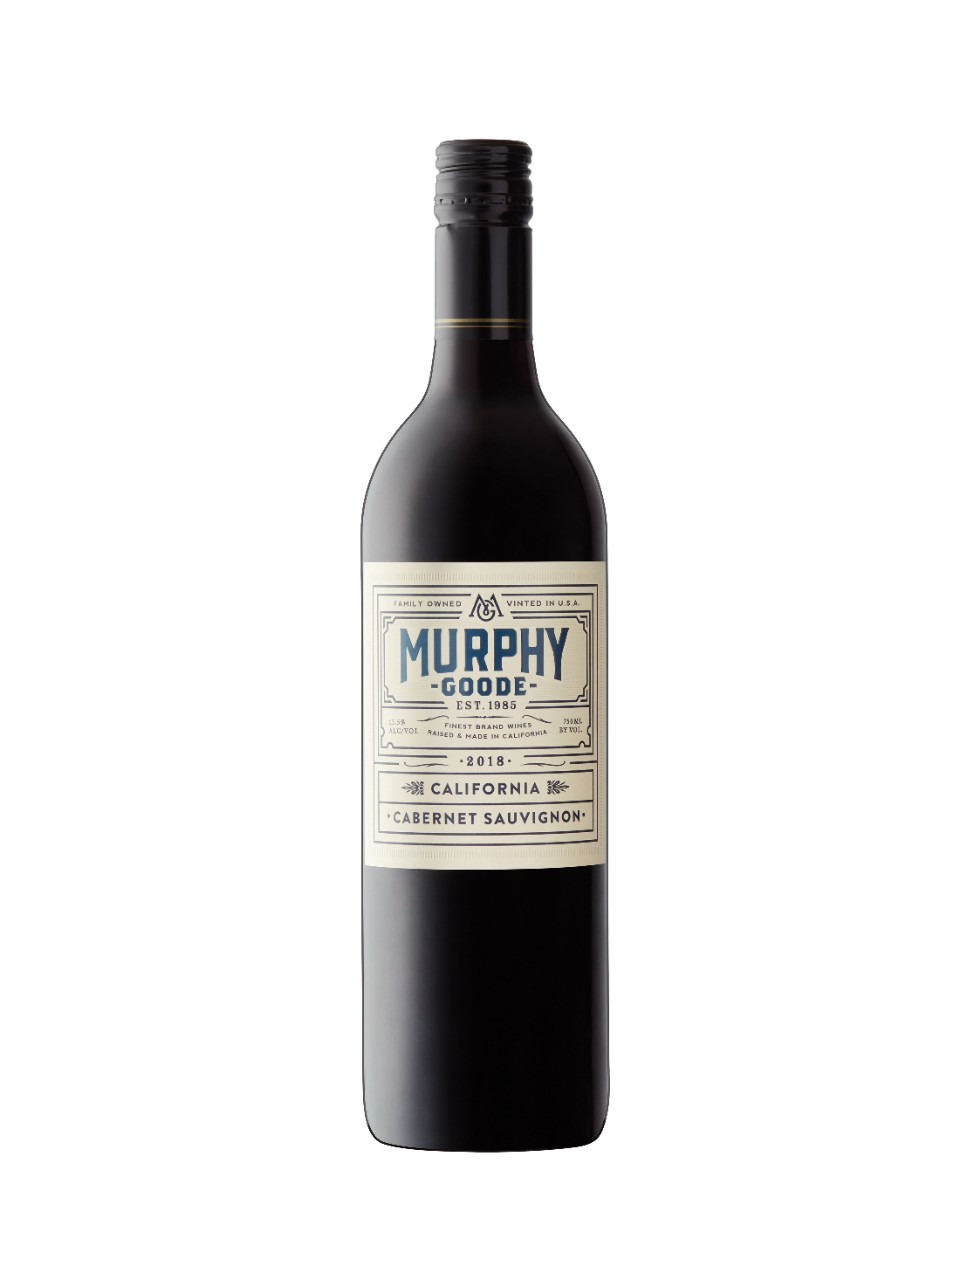 Murphy-Goode Cabernet Sauvignon 2017 from LCBO